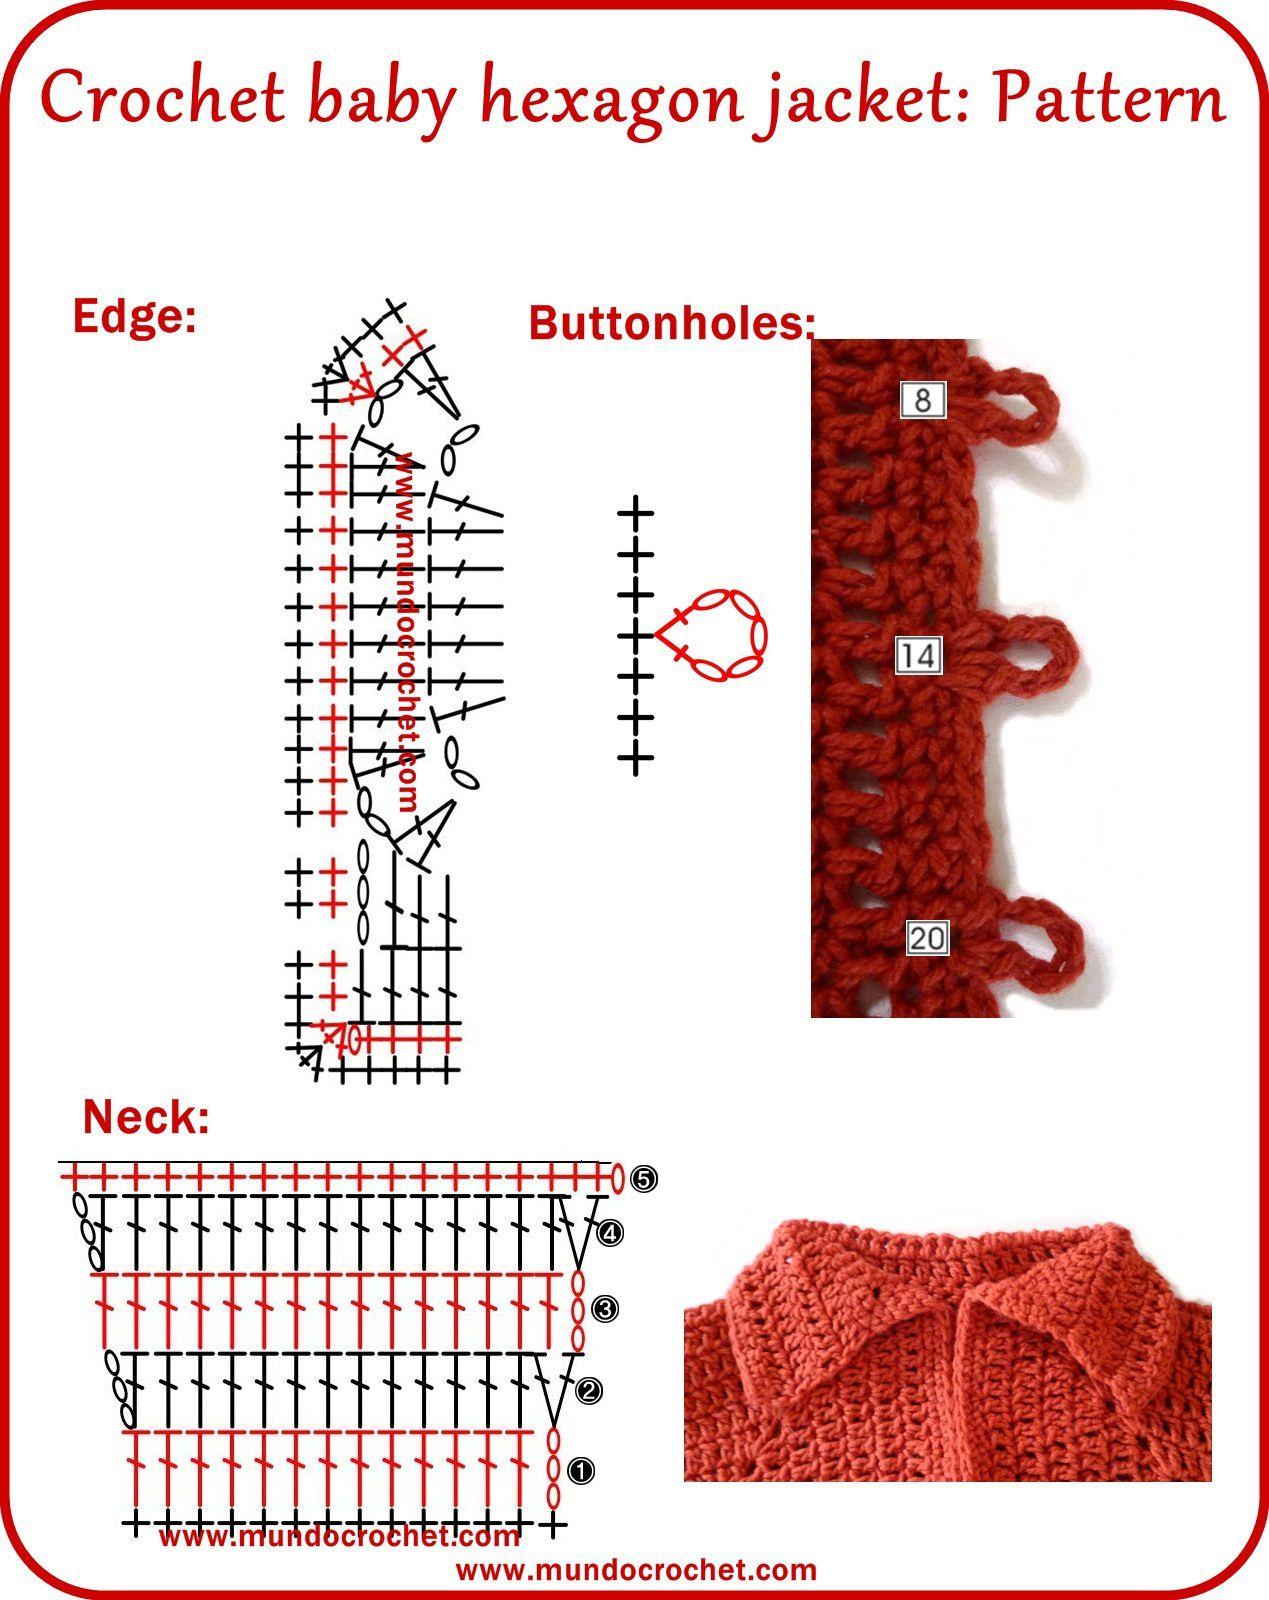 Campera-hexágono-roja-05en1.jpg 1,269×1,600 pixeles | Vestidos y ...